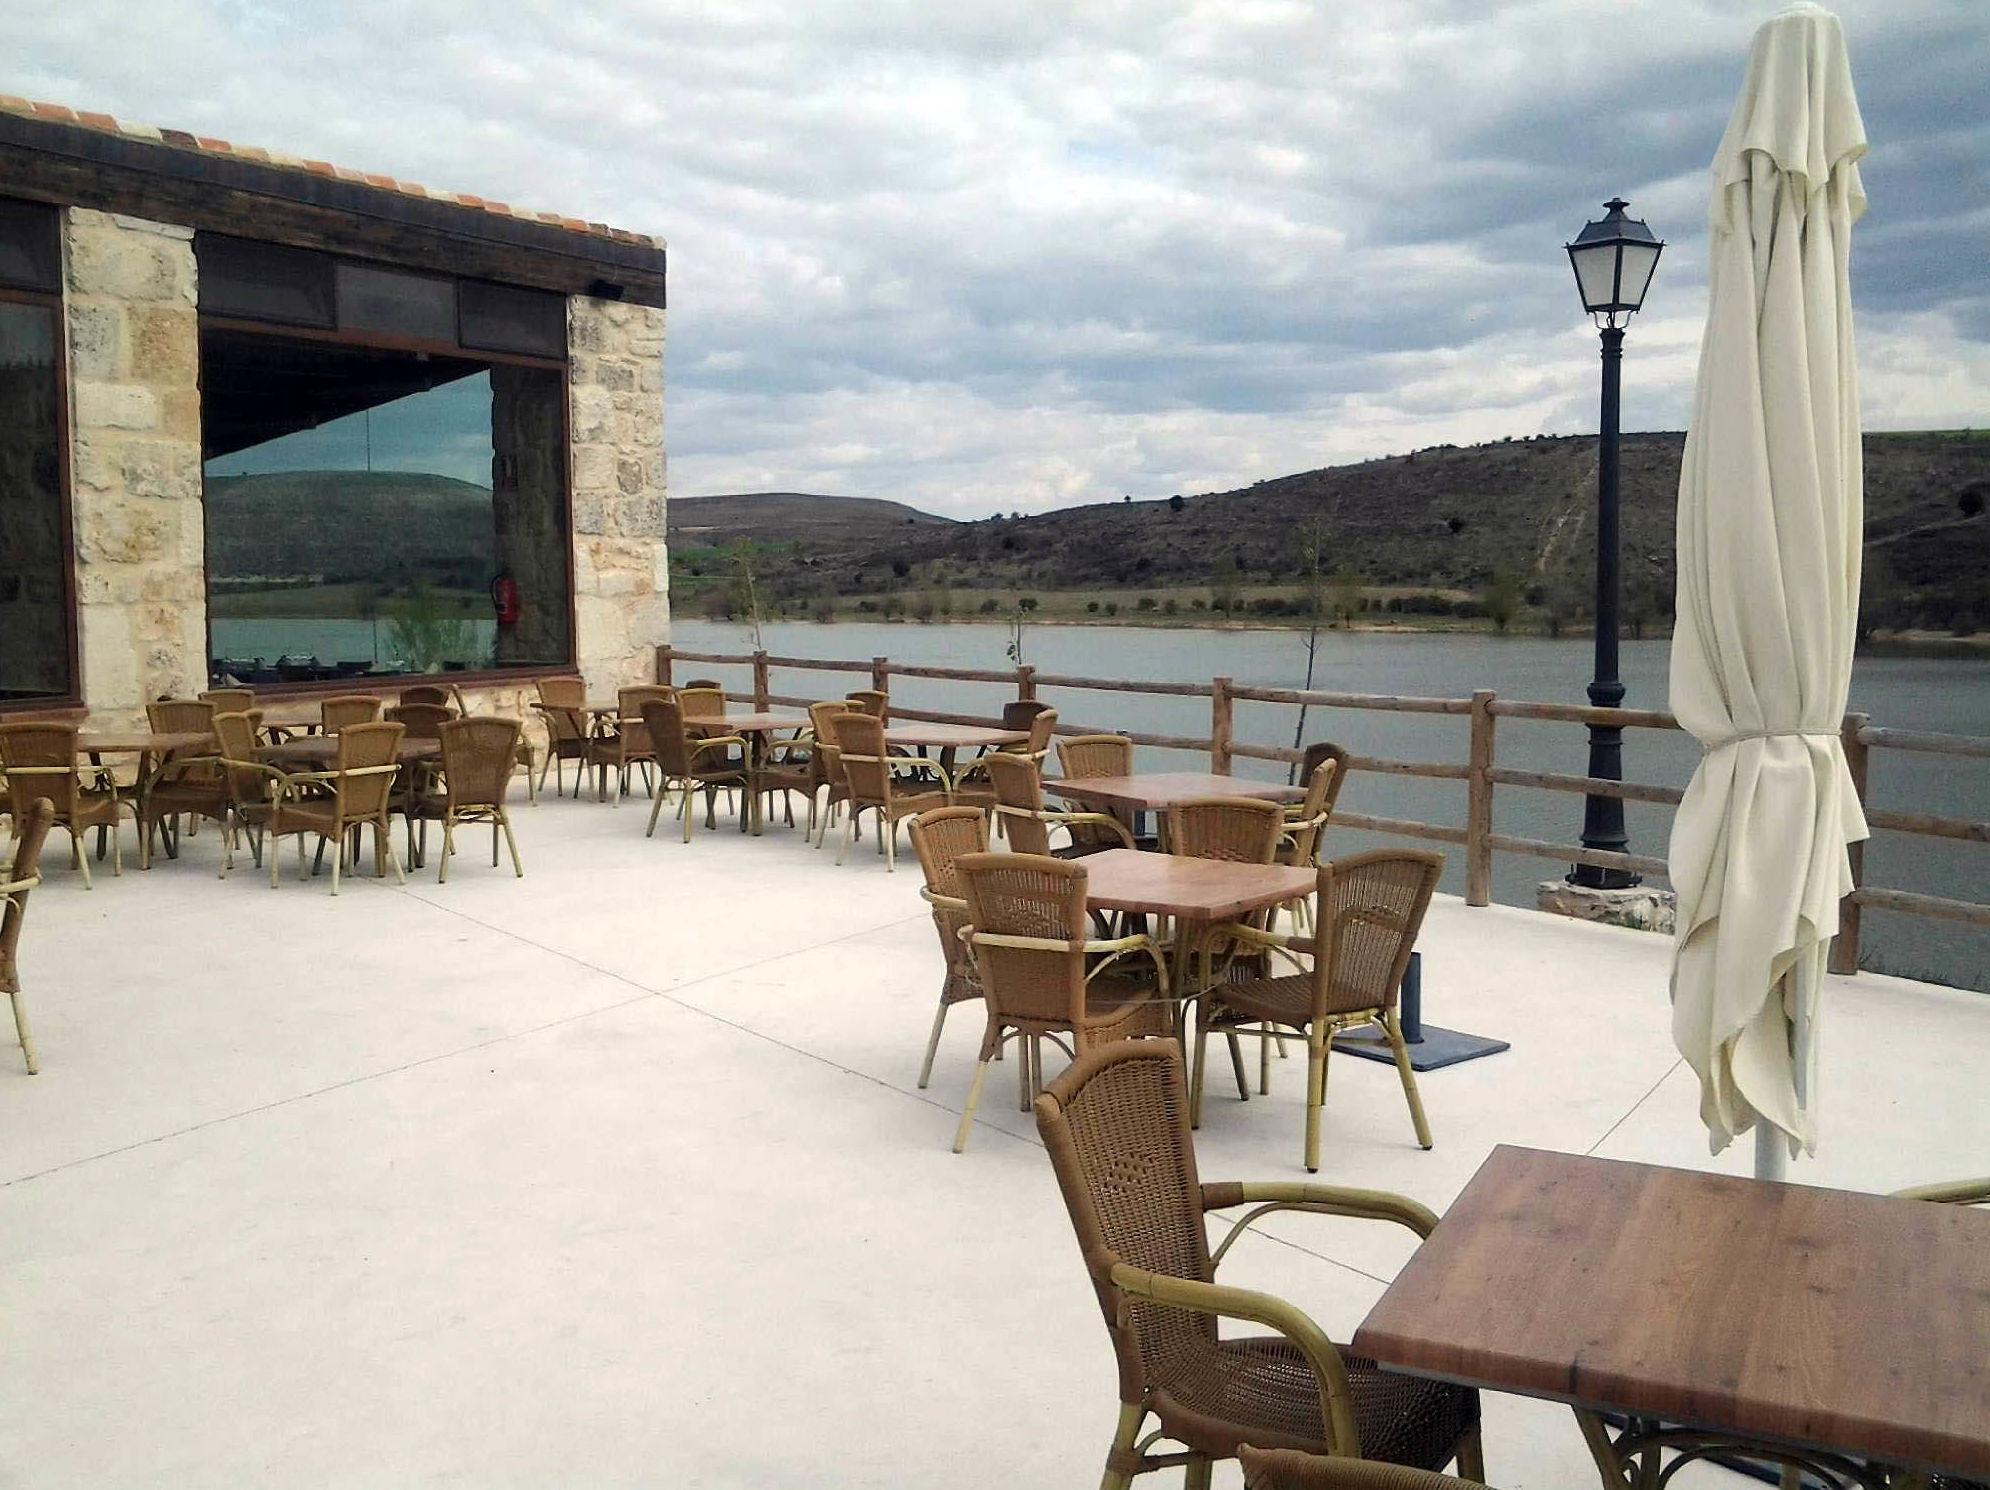 Restaurante con terraza en un precioso entorno